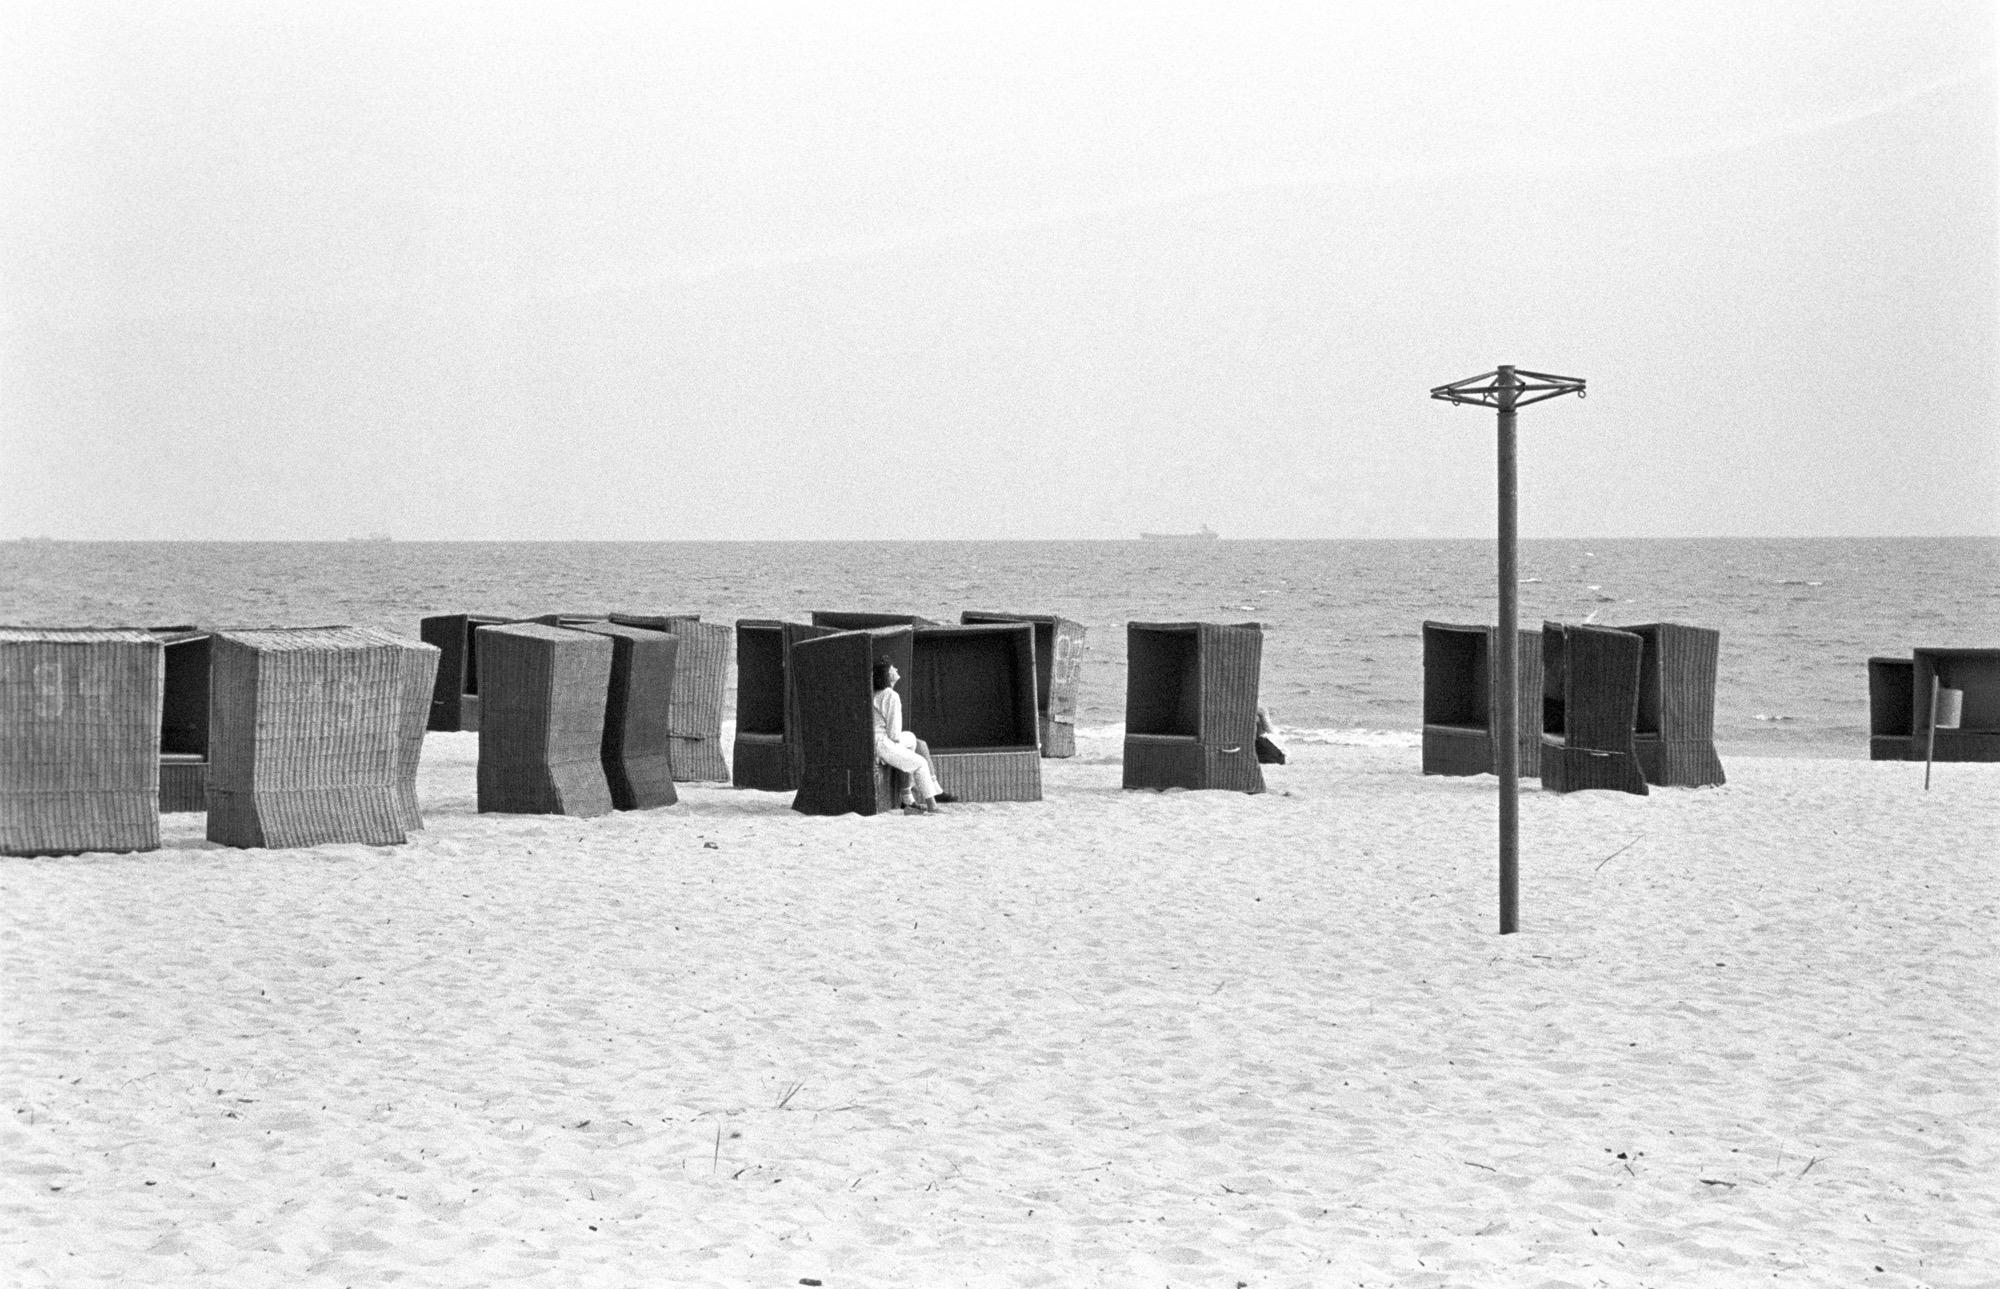 Sopot Beach, Poland 1990